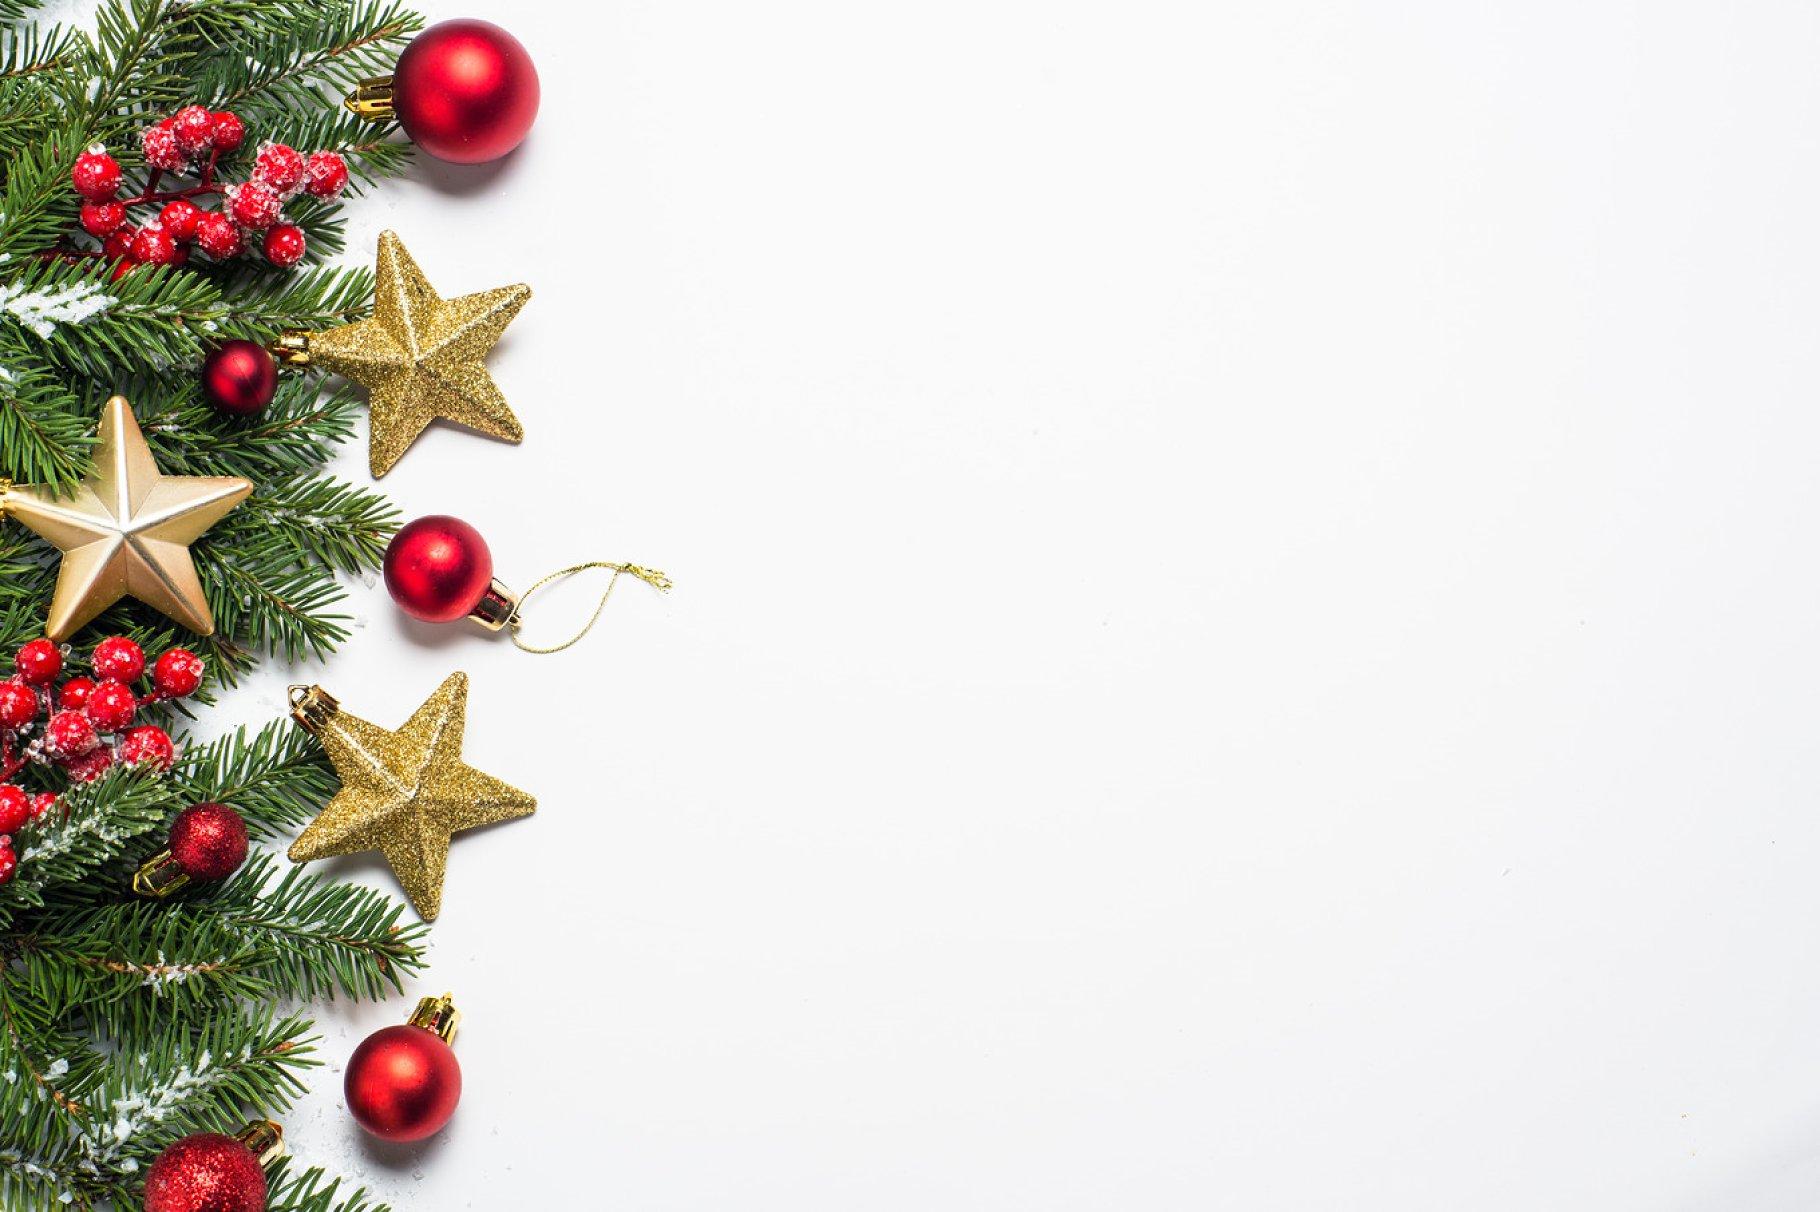 Christmas Backround.Christmas Background On White